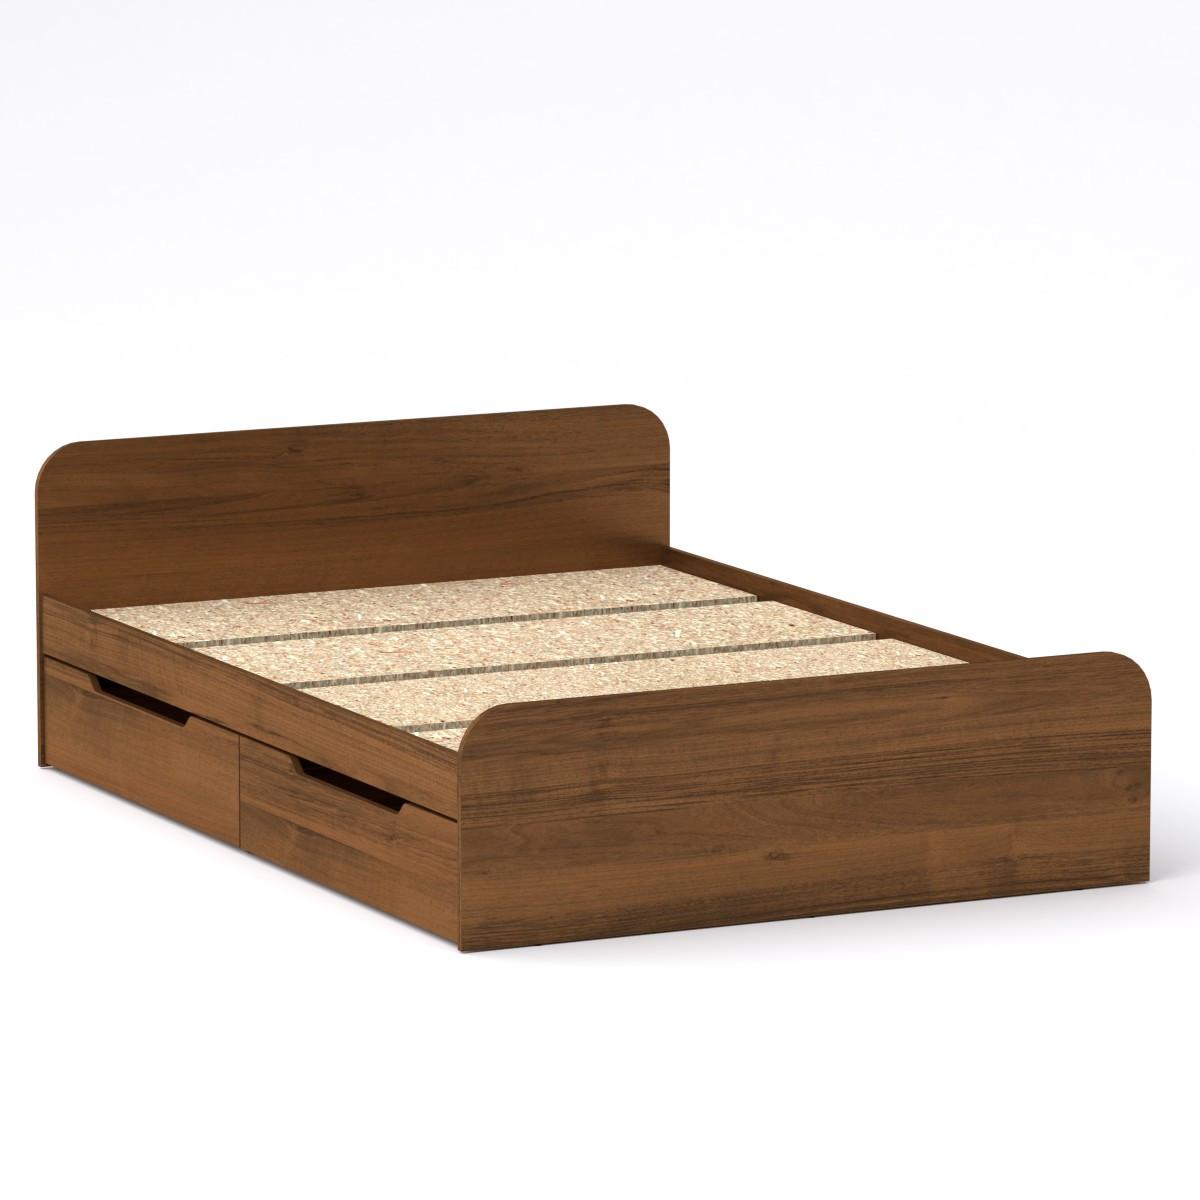 Двуспальная кровать Виола 140 с 4 выдвижными ящиками